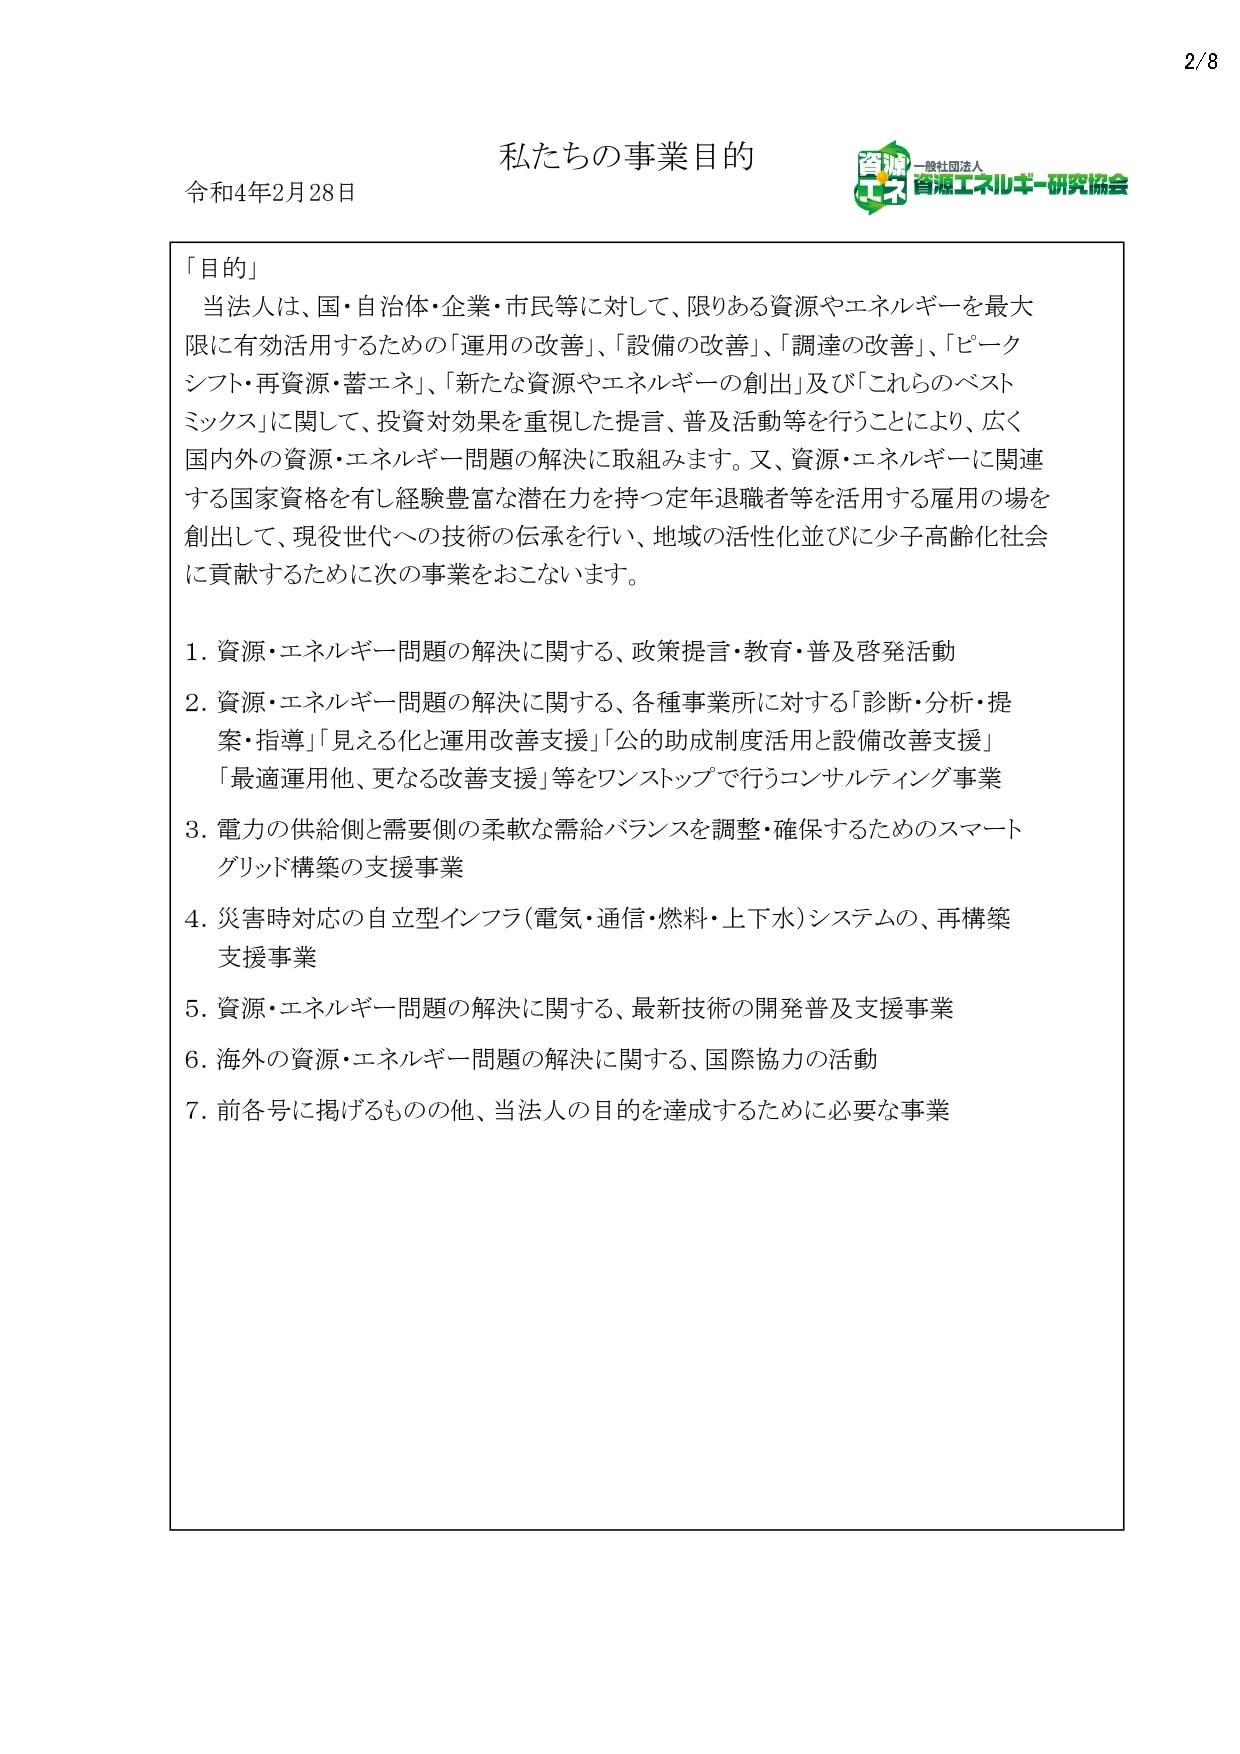 団体概要 -Page2-